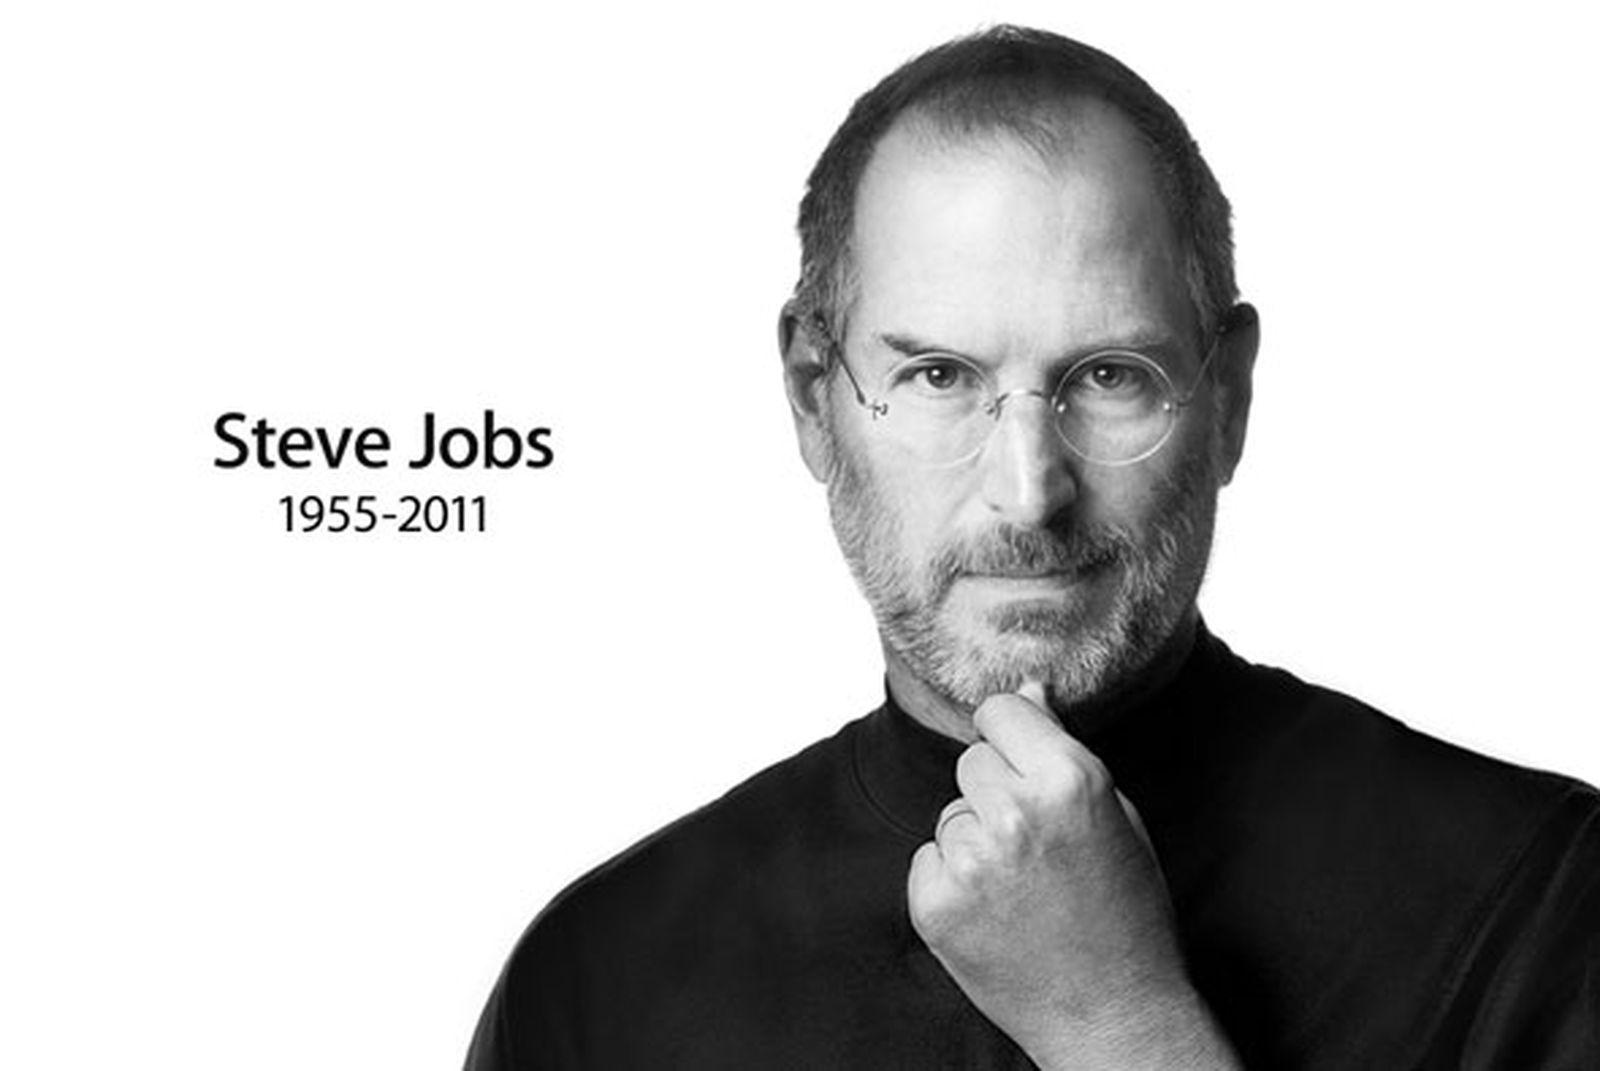 استیو جابز ۱۰ سال پیش در چنین روزی درگذشت